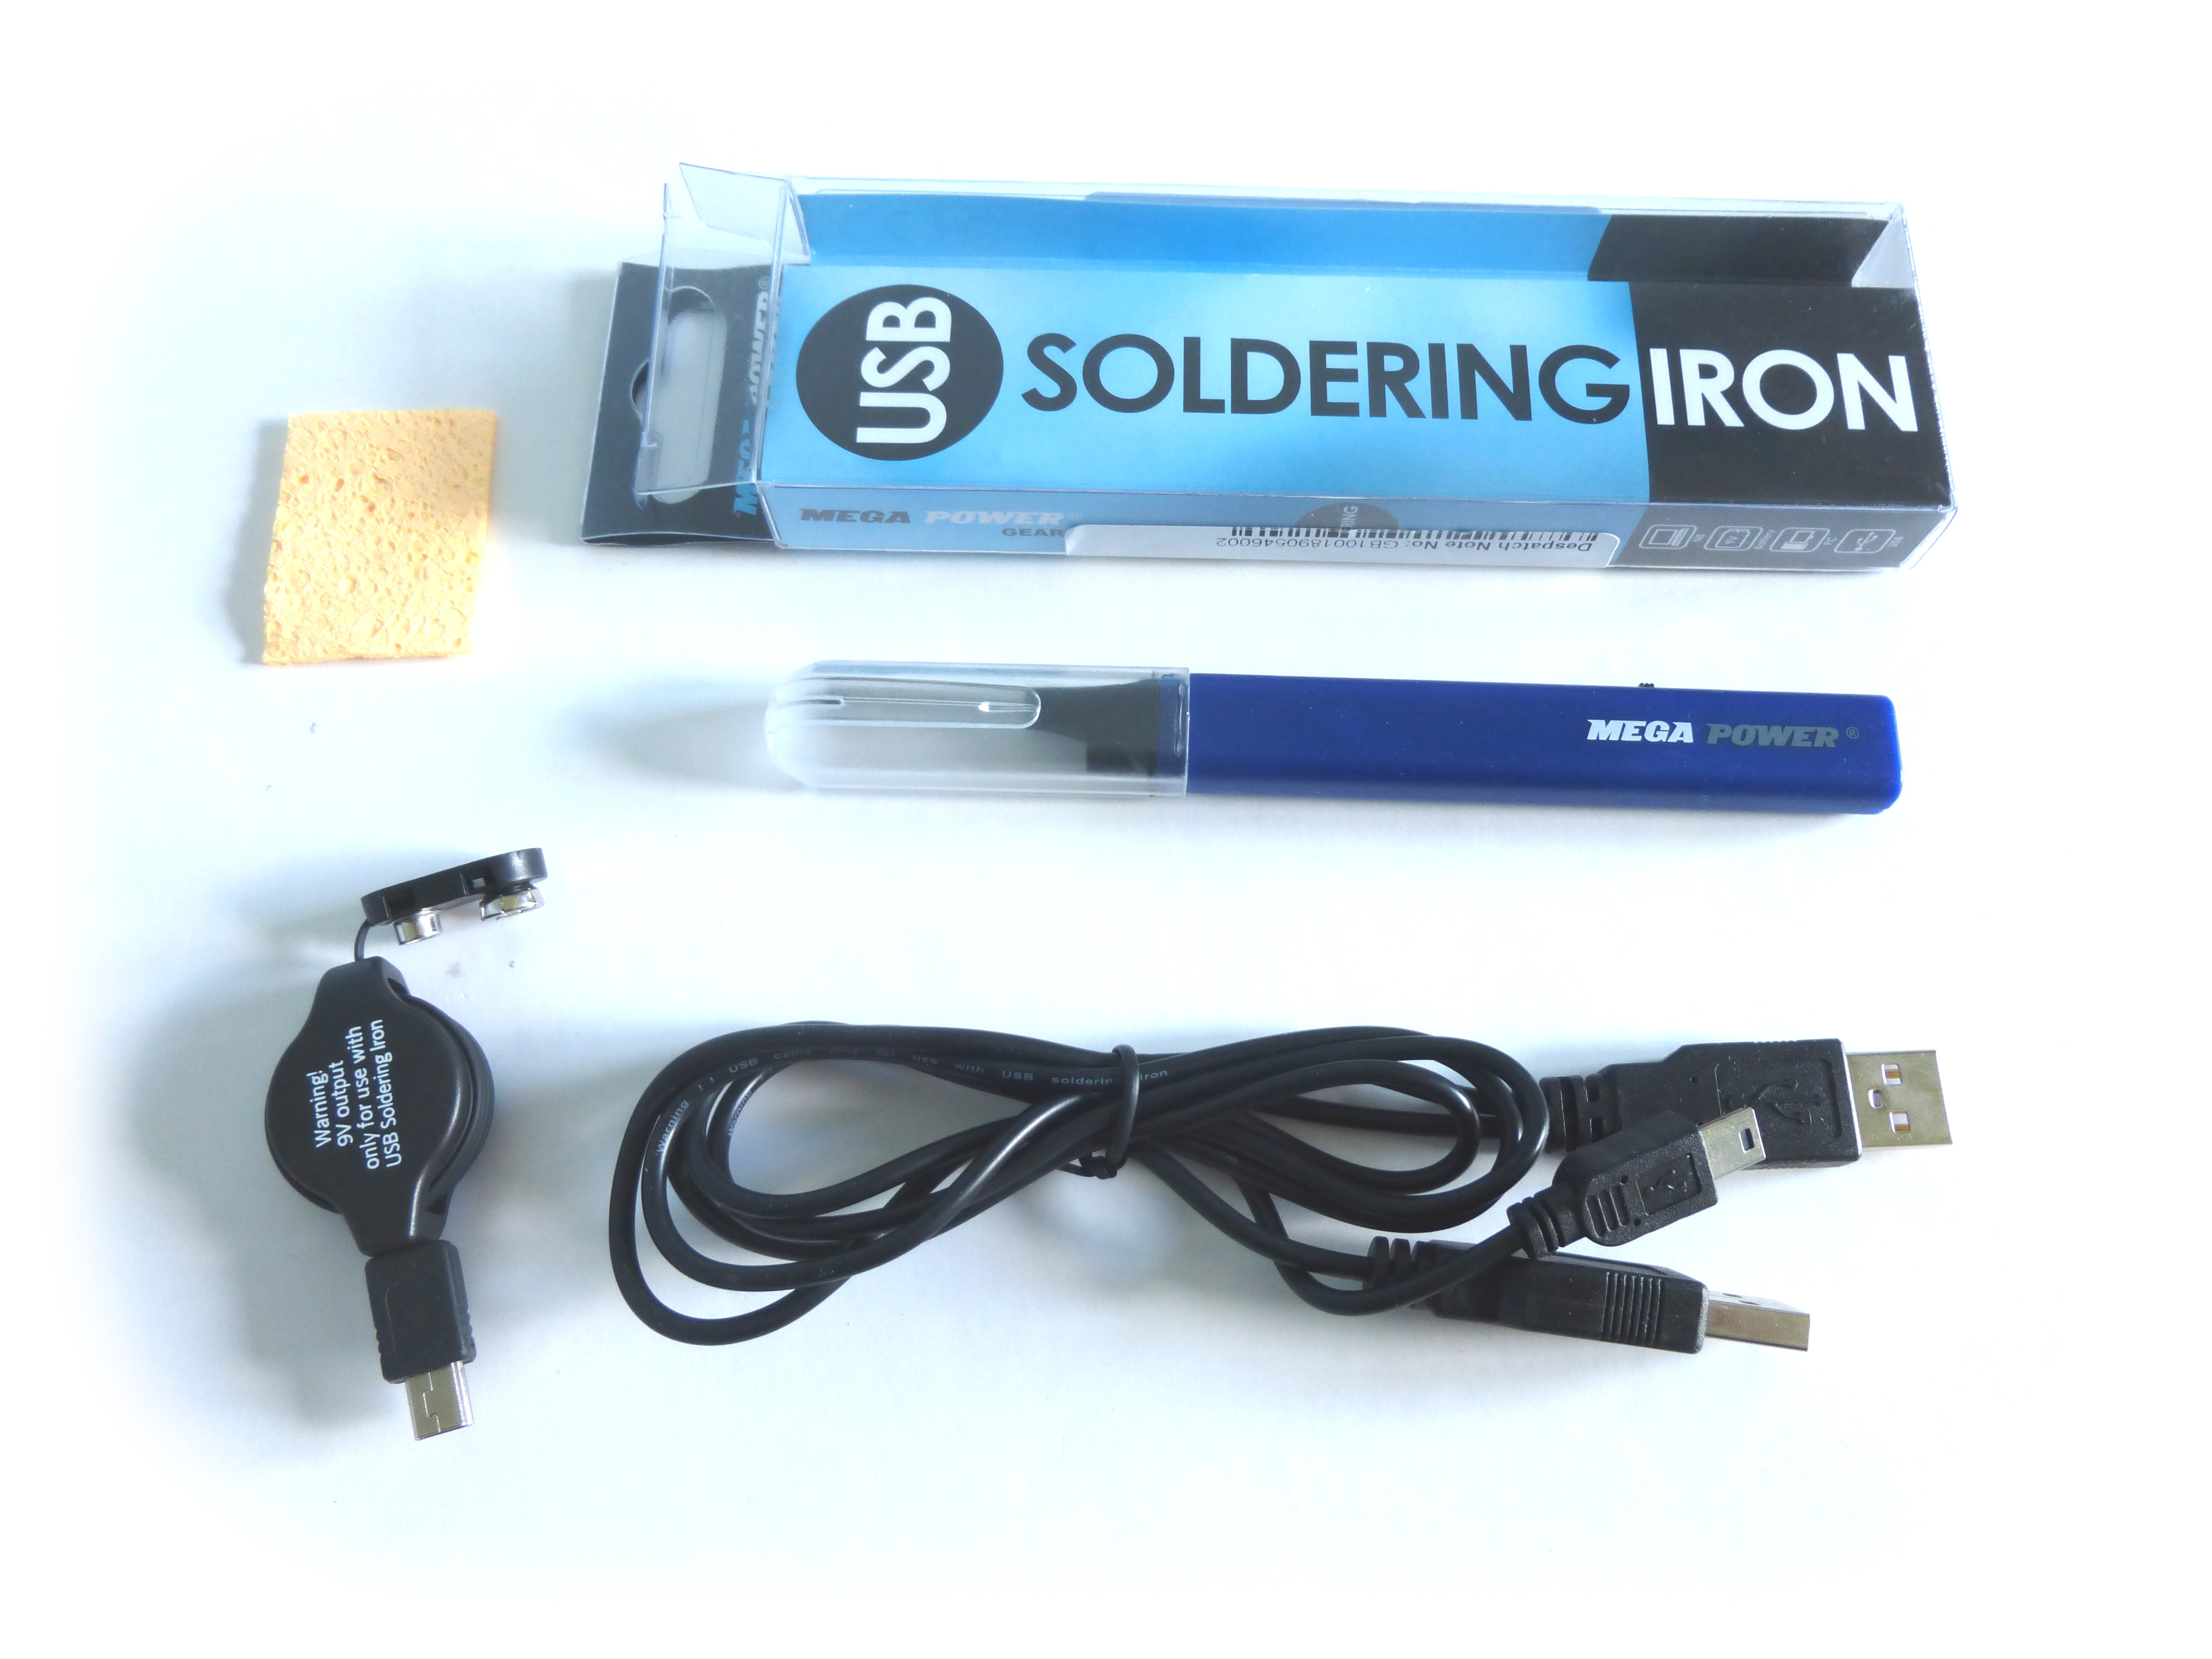 usb soldering iron 02. Black Bedroom Furniture Sets. Home Design Ideas